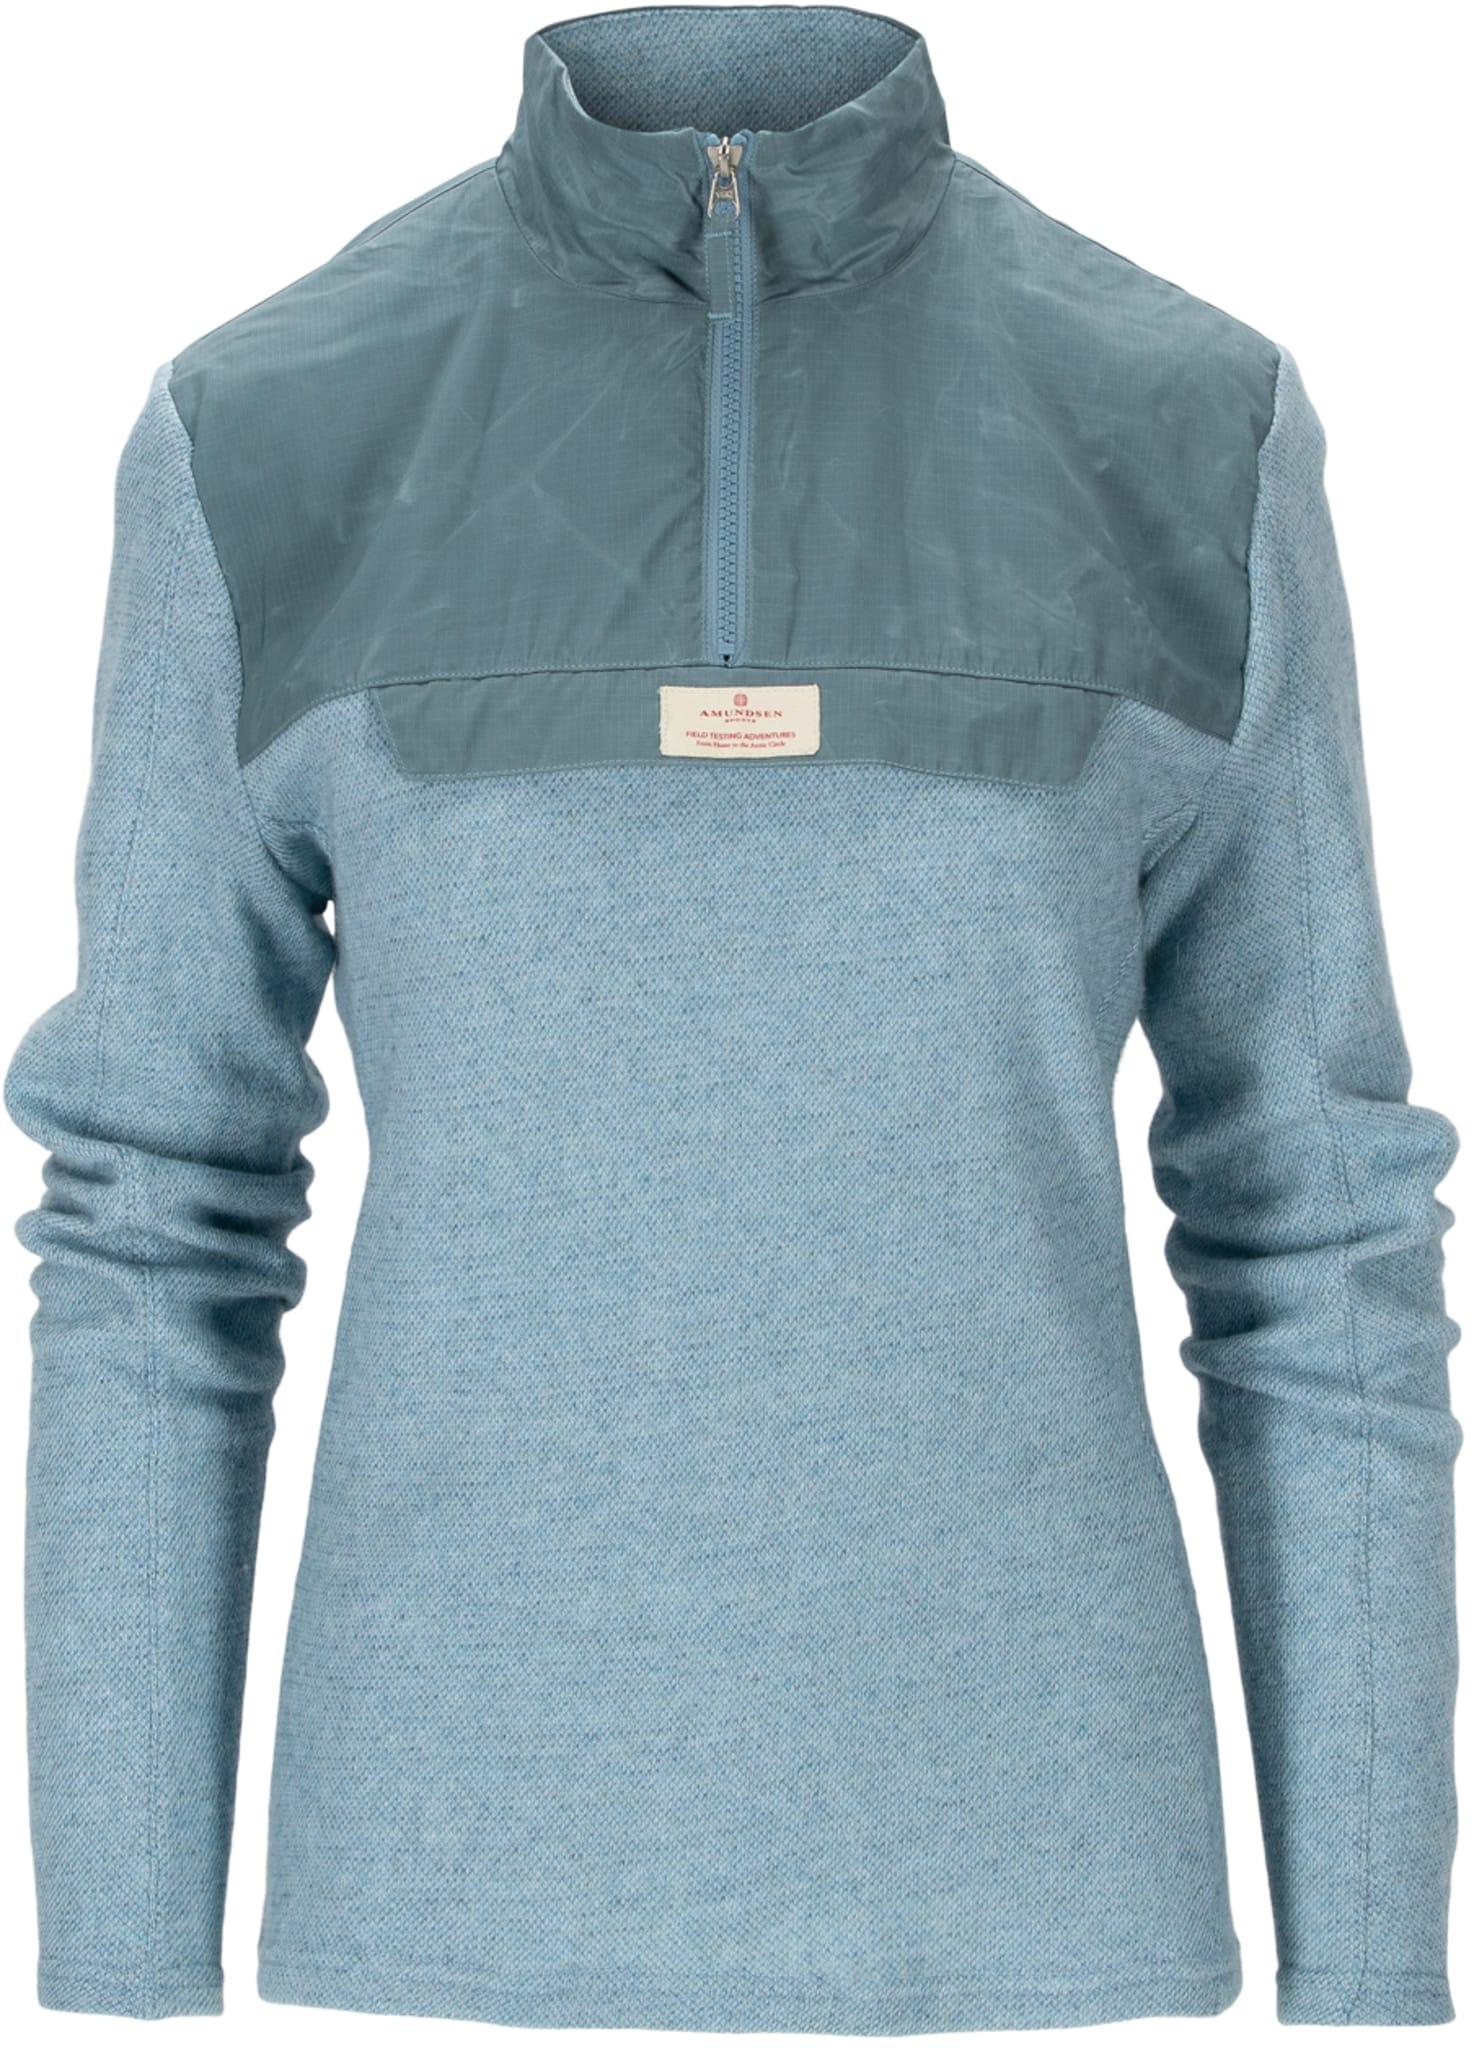 Skauen Wool Sweater W